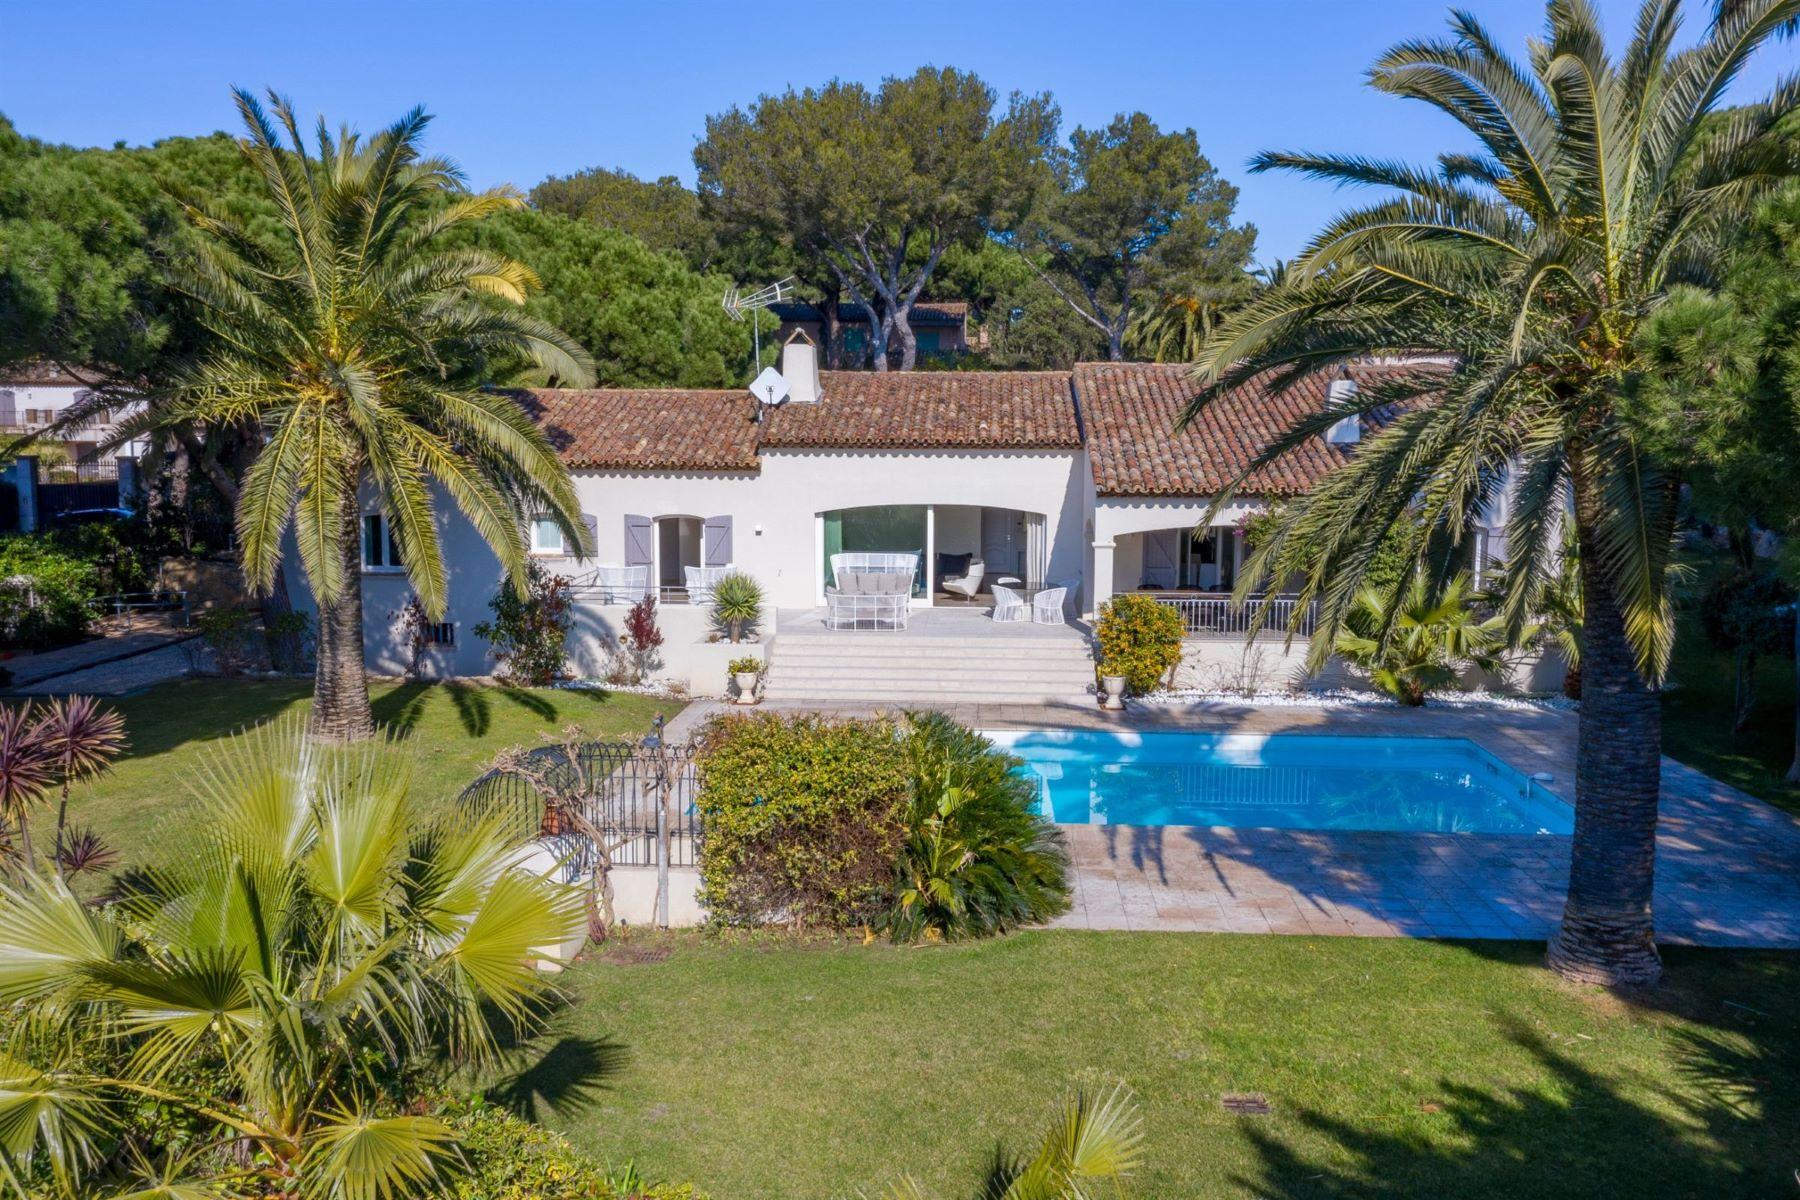 Single Family Homes por un Venta en For sale, charming mediterranean villa with access to the beach Ramatuelle, Provincia - Alpes - Costa Azul 83350 Francia